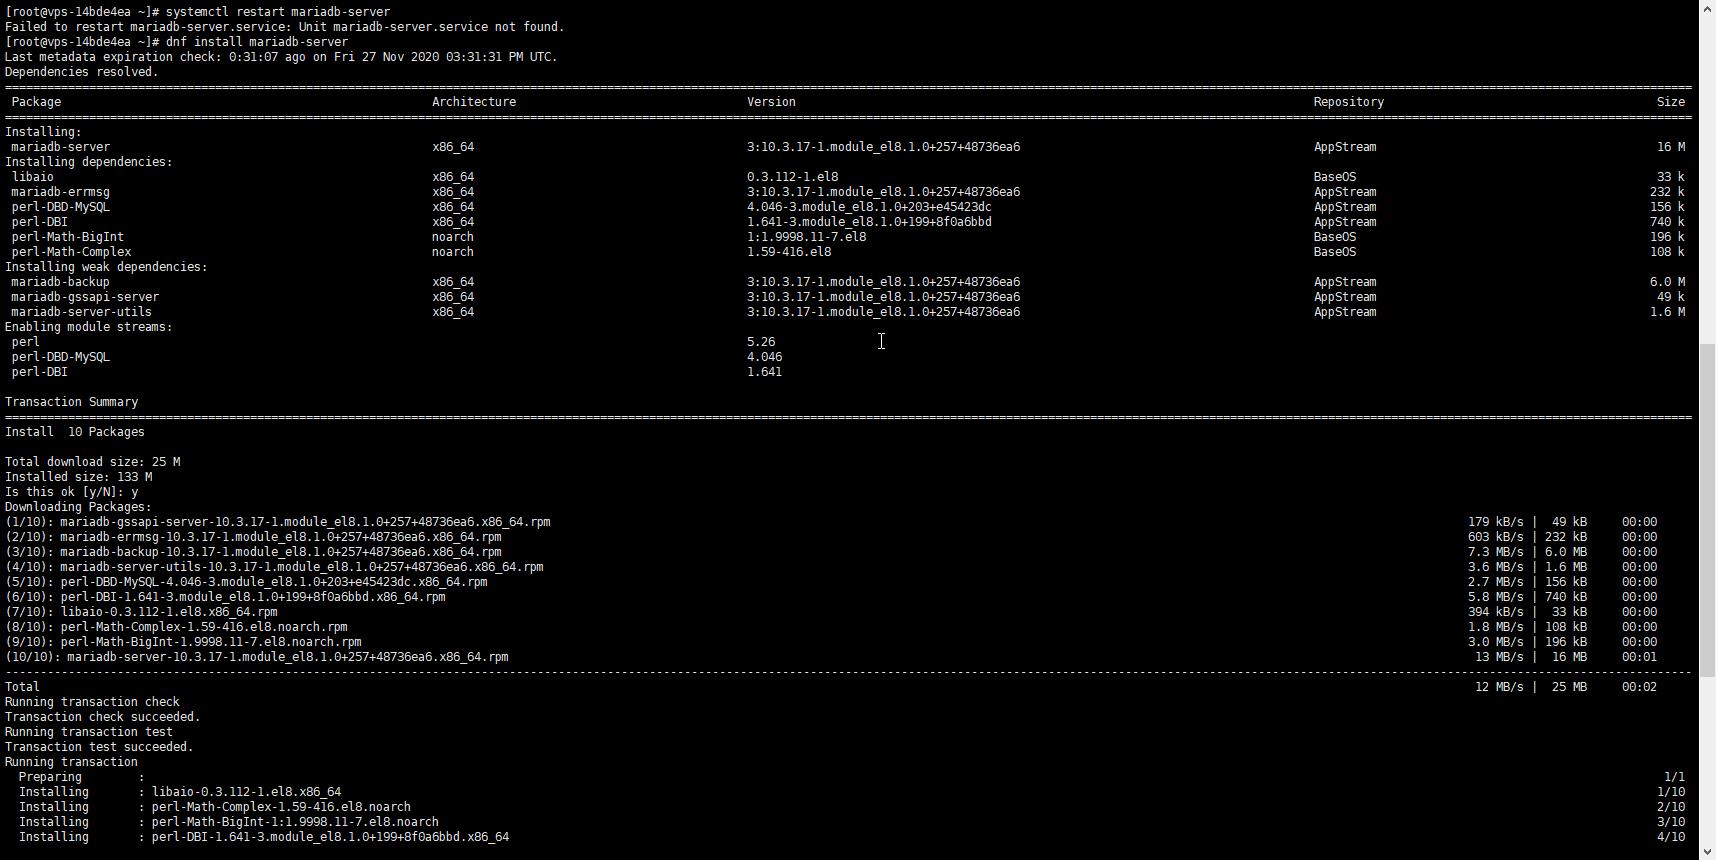 dnf-install-mariadb-server-01